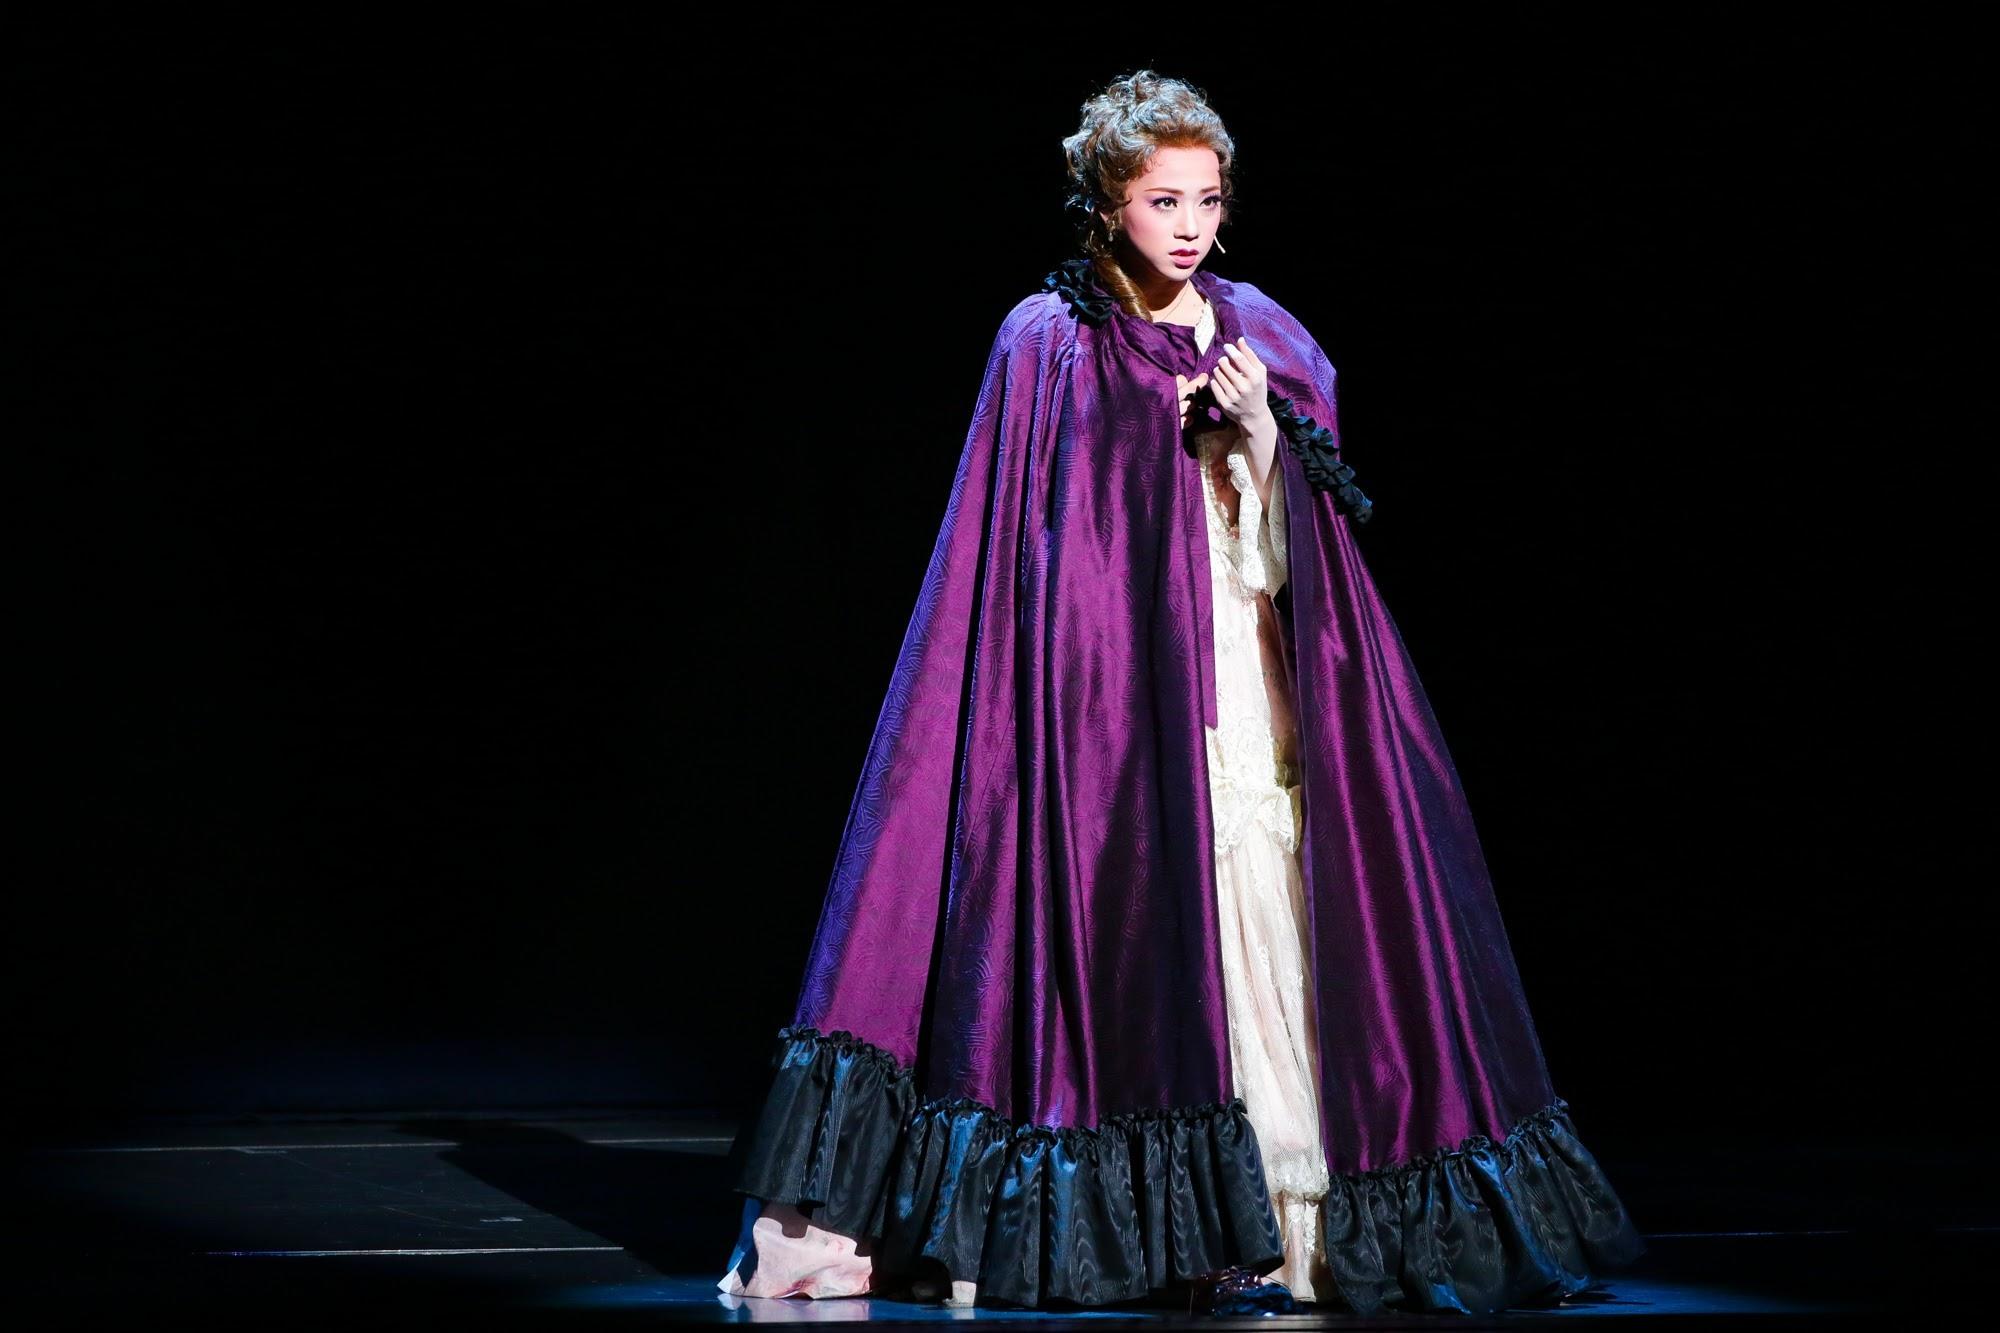 復讐のため主人公に近づくマリー=アンヌ(真彩希帆) (c)宝塚歌劇団